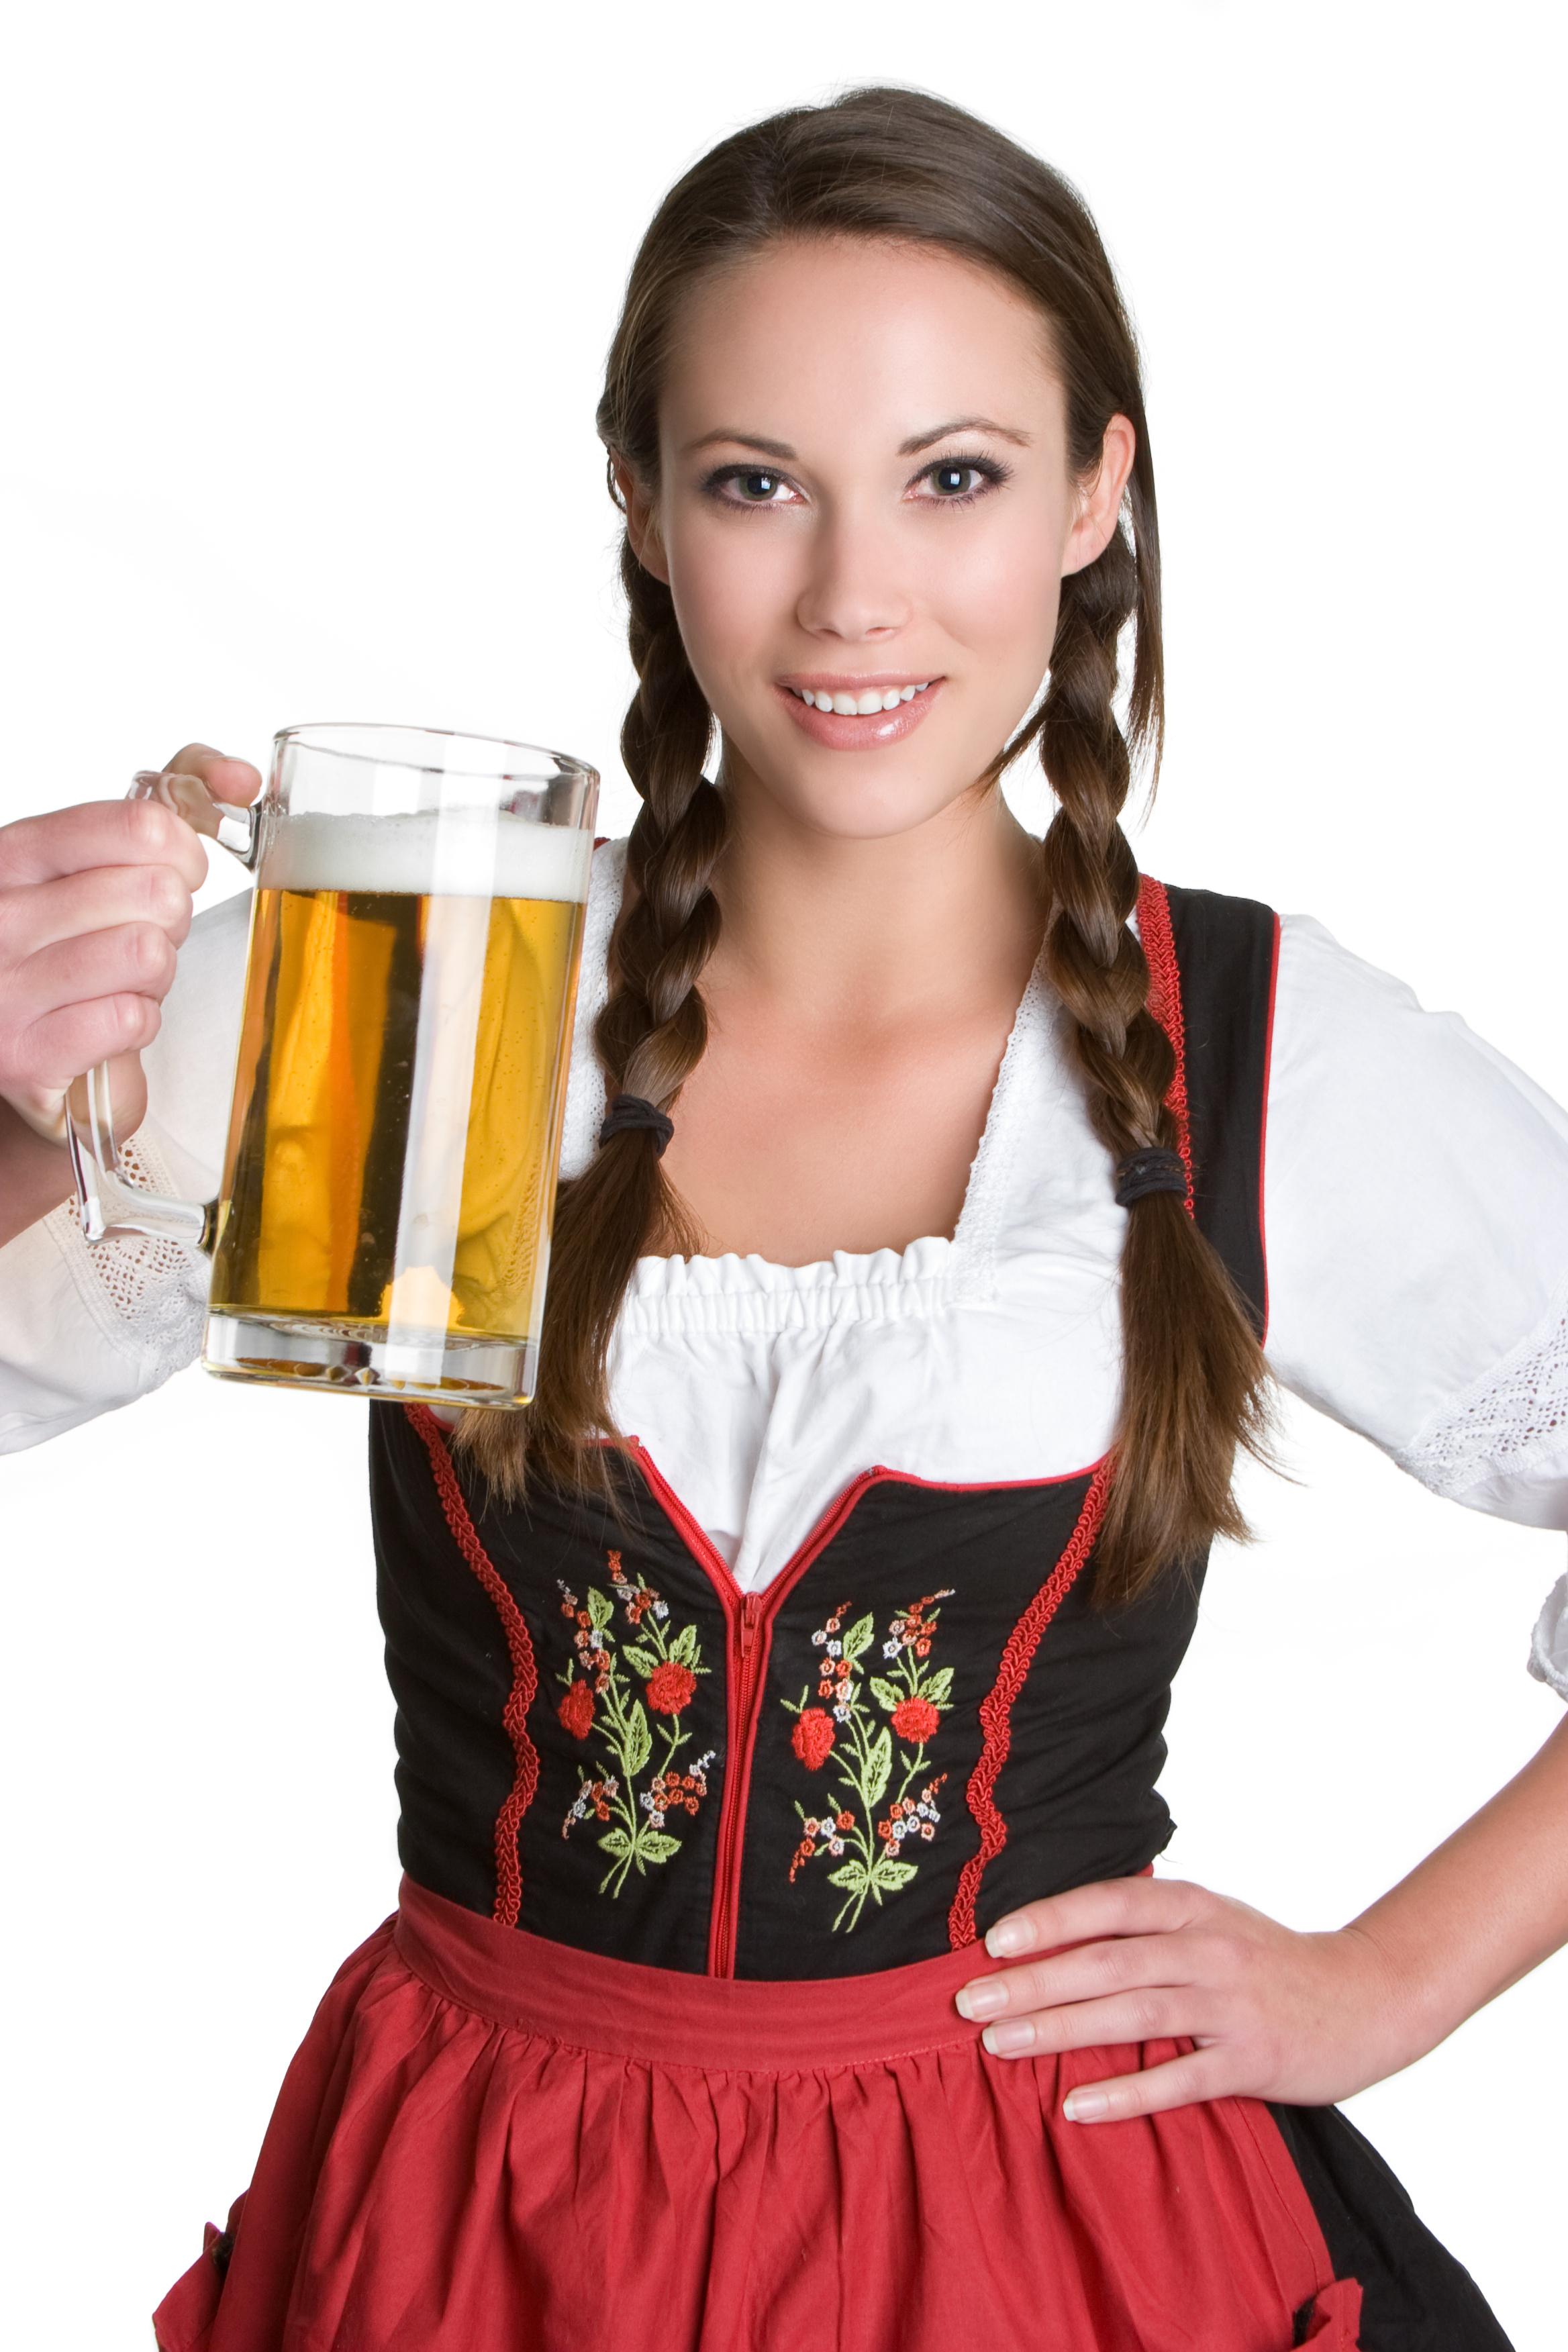 девушка с пивом, кружка пива, красивая девушка, фото, клипарт, обои для рабочего стола